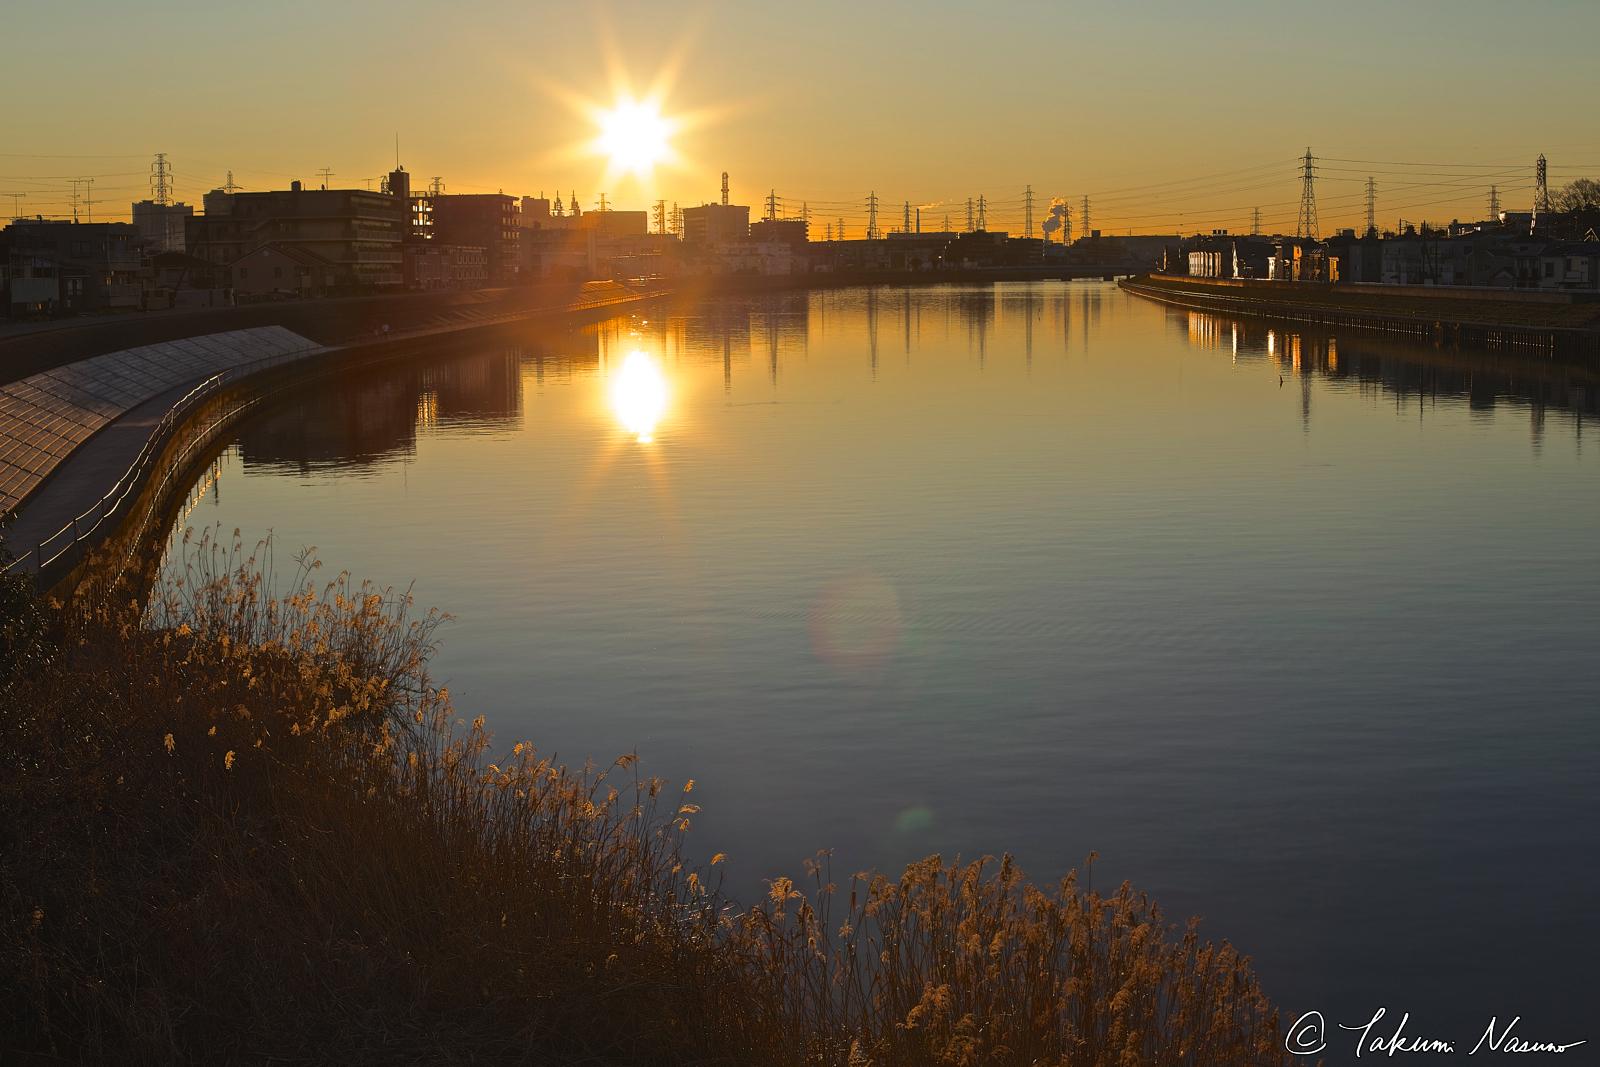 Tsurumi_Tsurumi-River_w10